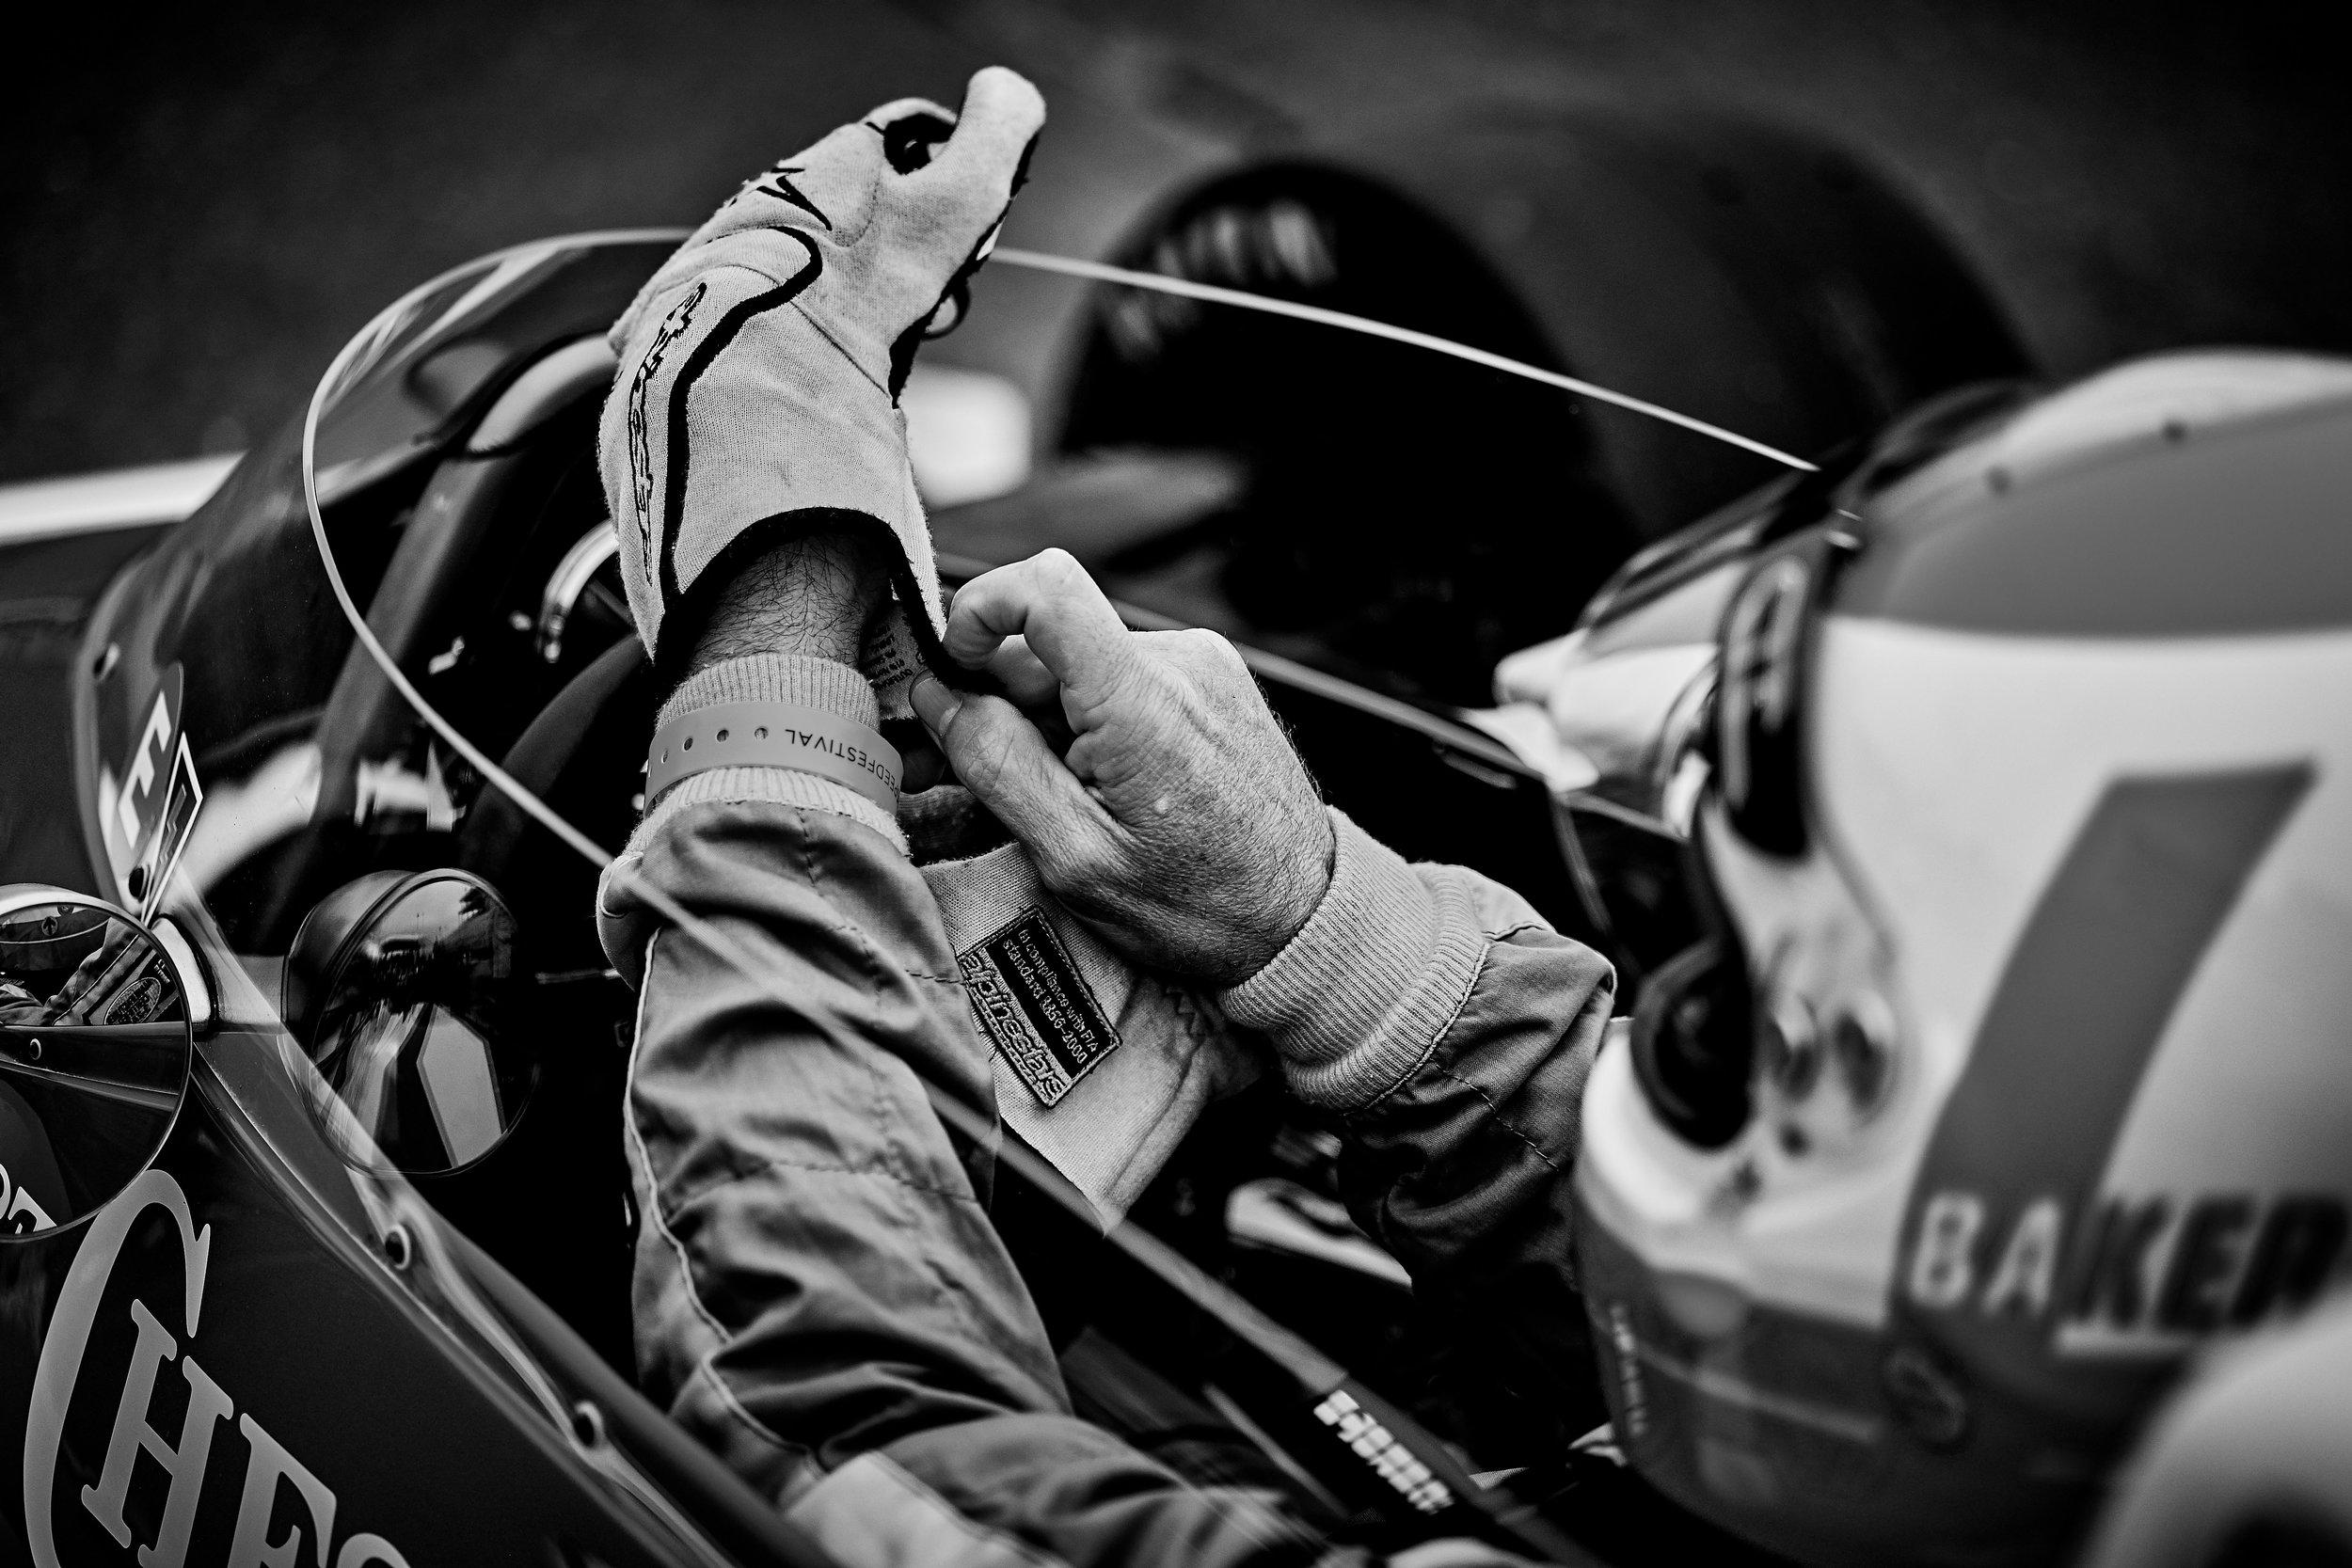 1976 McLaren M23 / Danny Baker